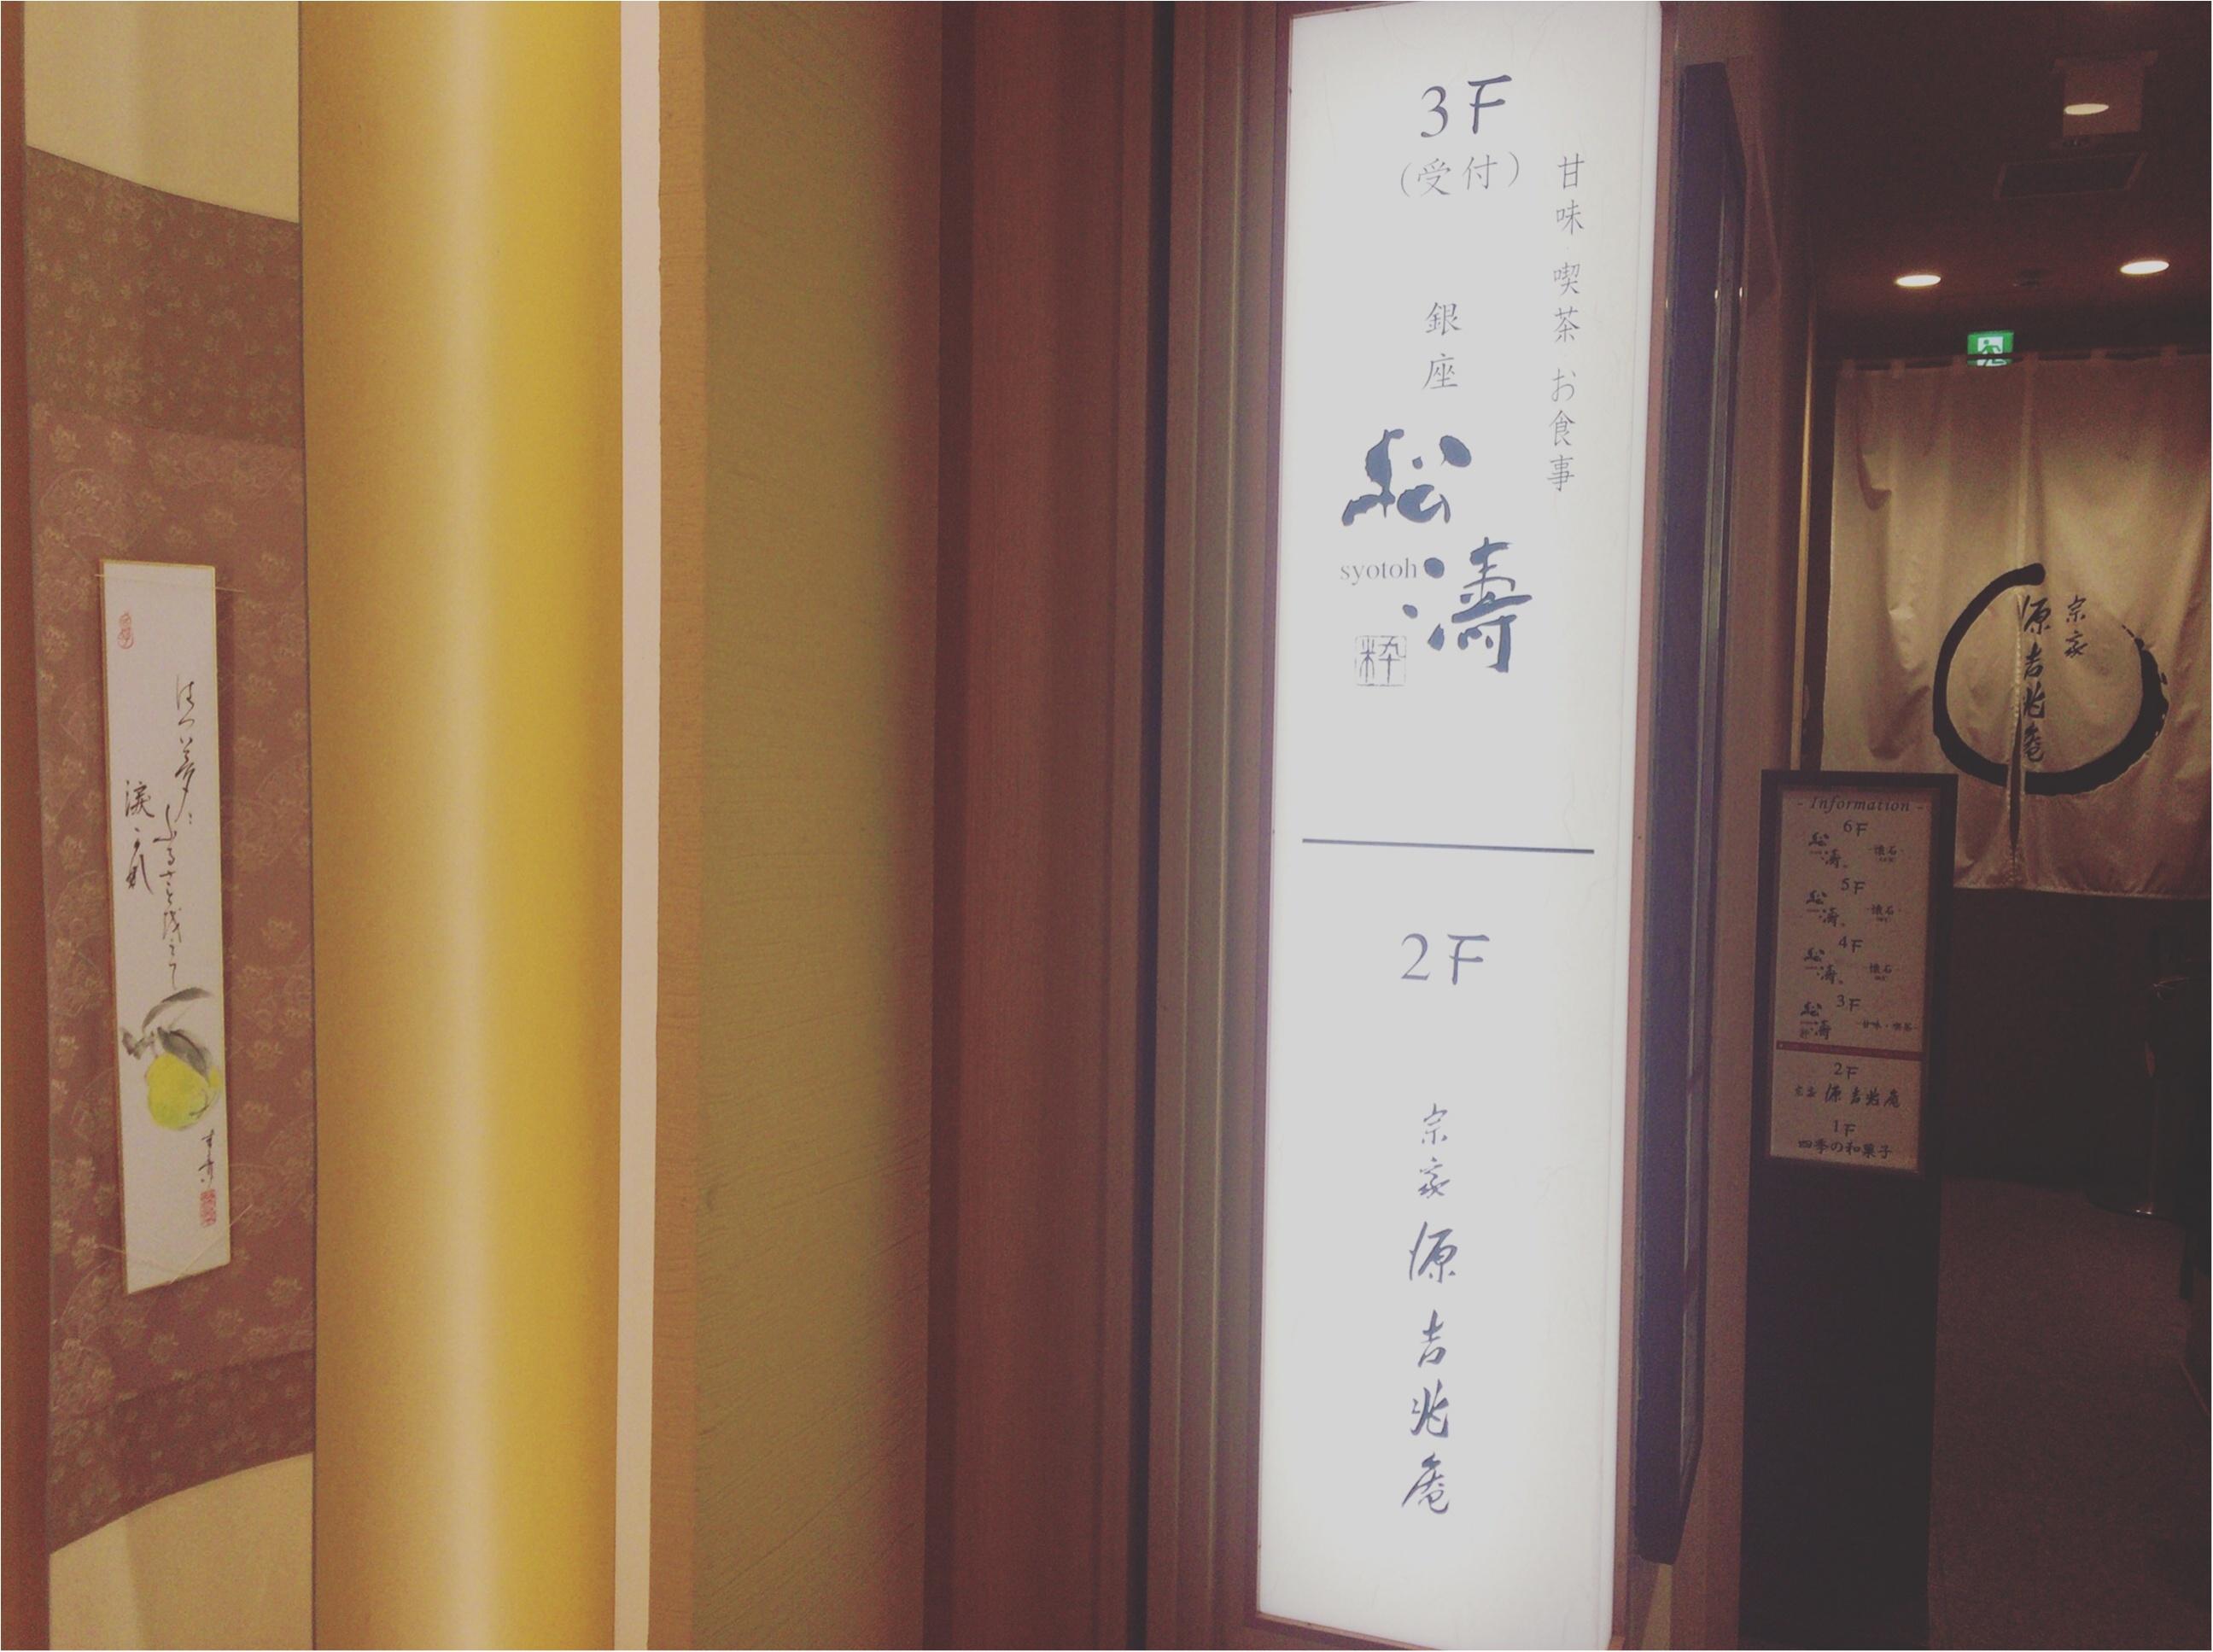 【銀座】和菓子屋「源 吉兆庵」の茶寮があるって知ってる?抹茶ぜんざい♡≪samenyan≫_2